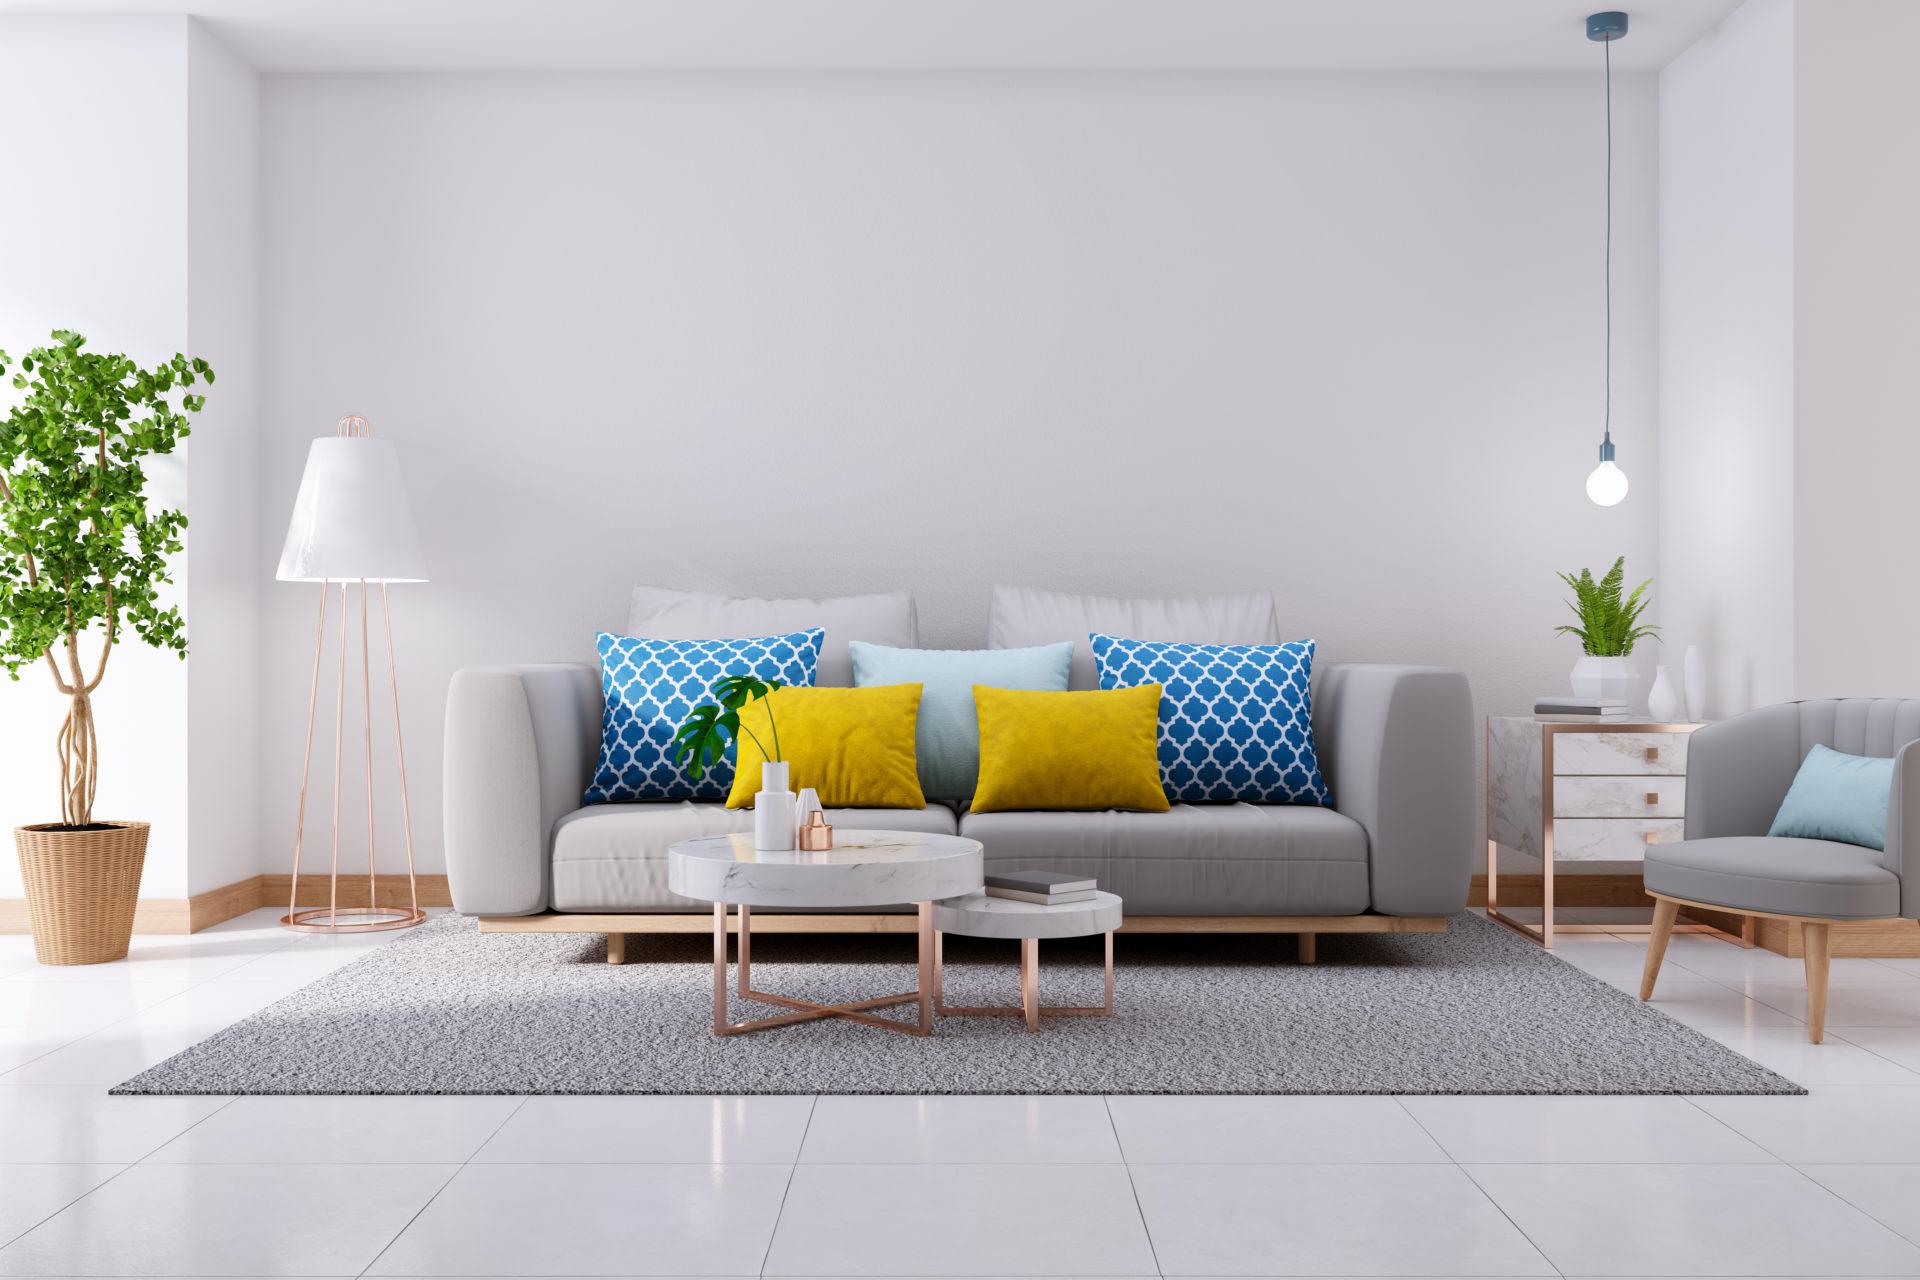 Wohnzimmer gestalten – Ideen für das Herzstück deines Hauses